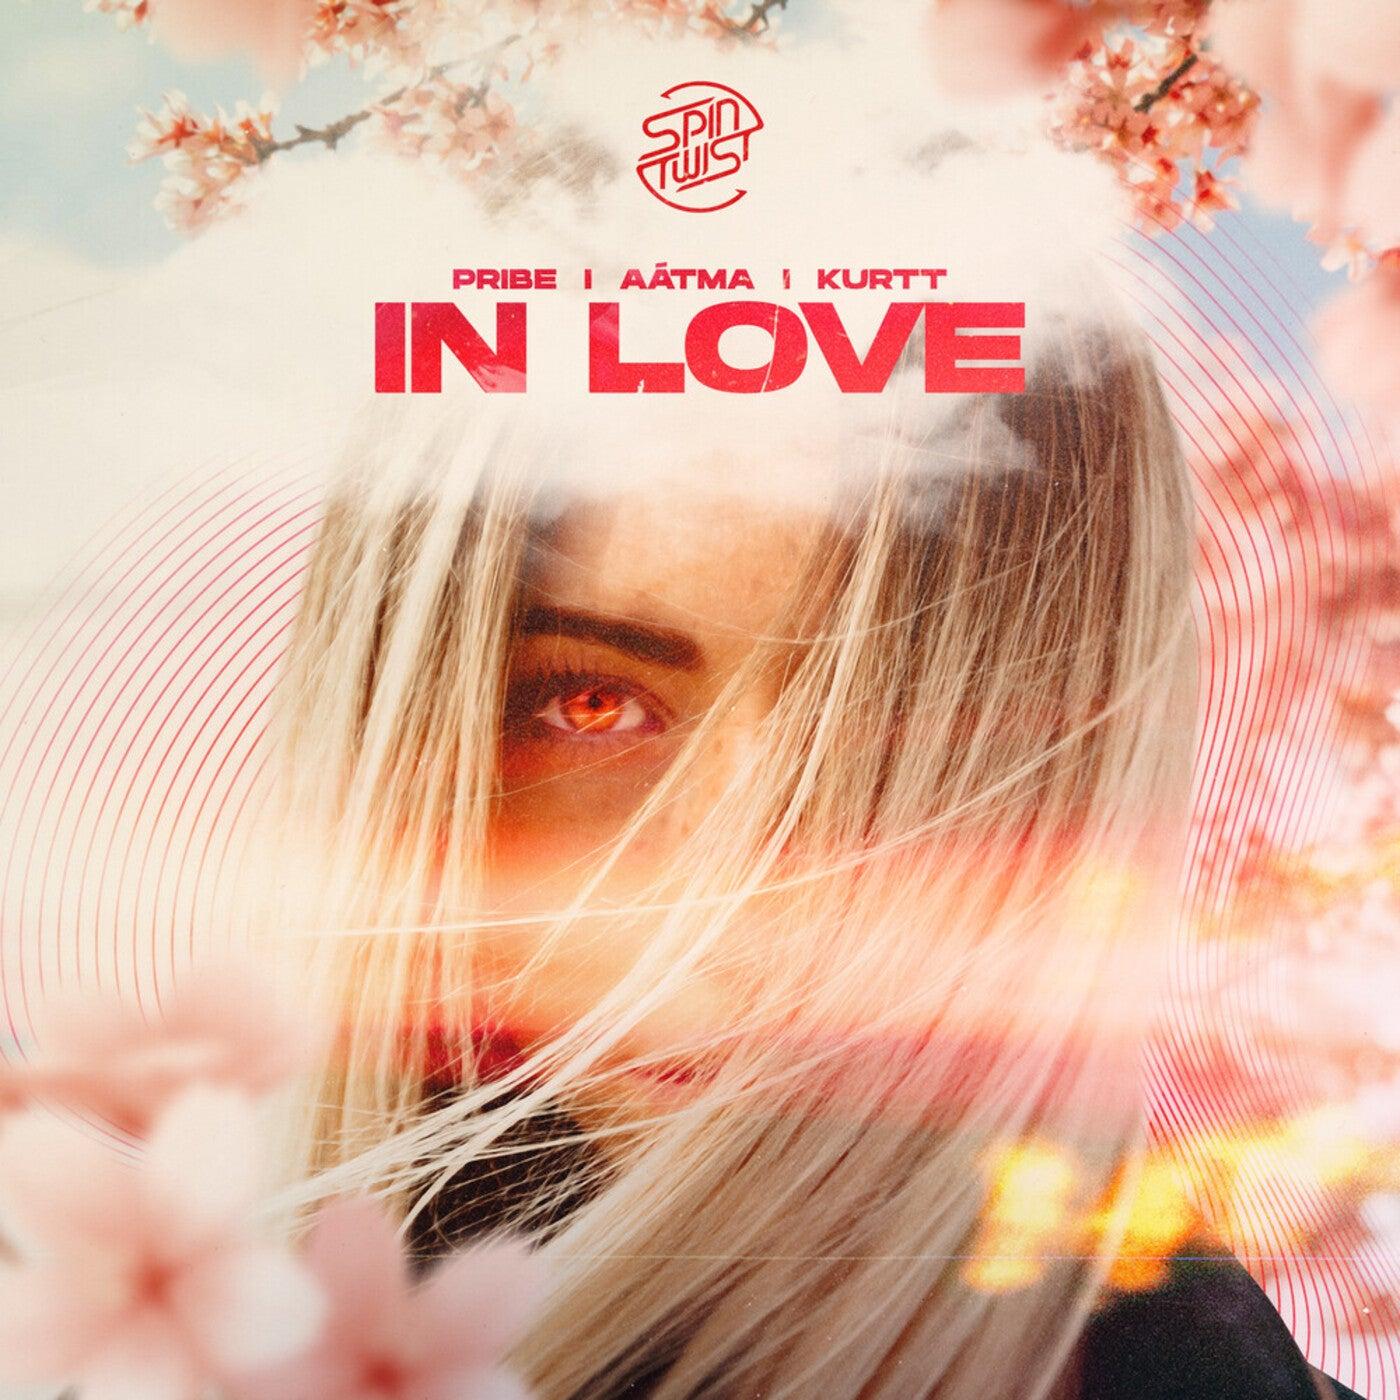 In Love (Original Mix)